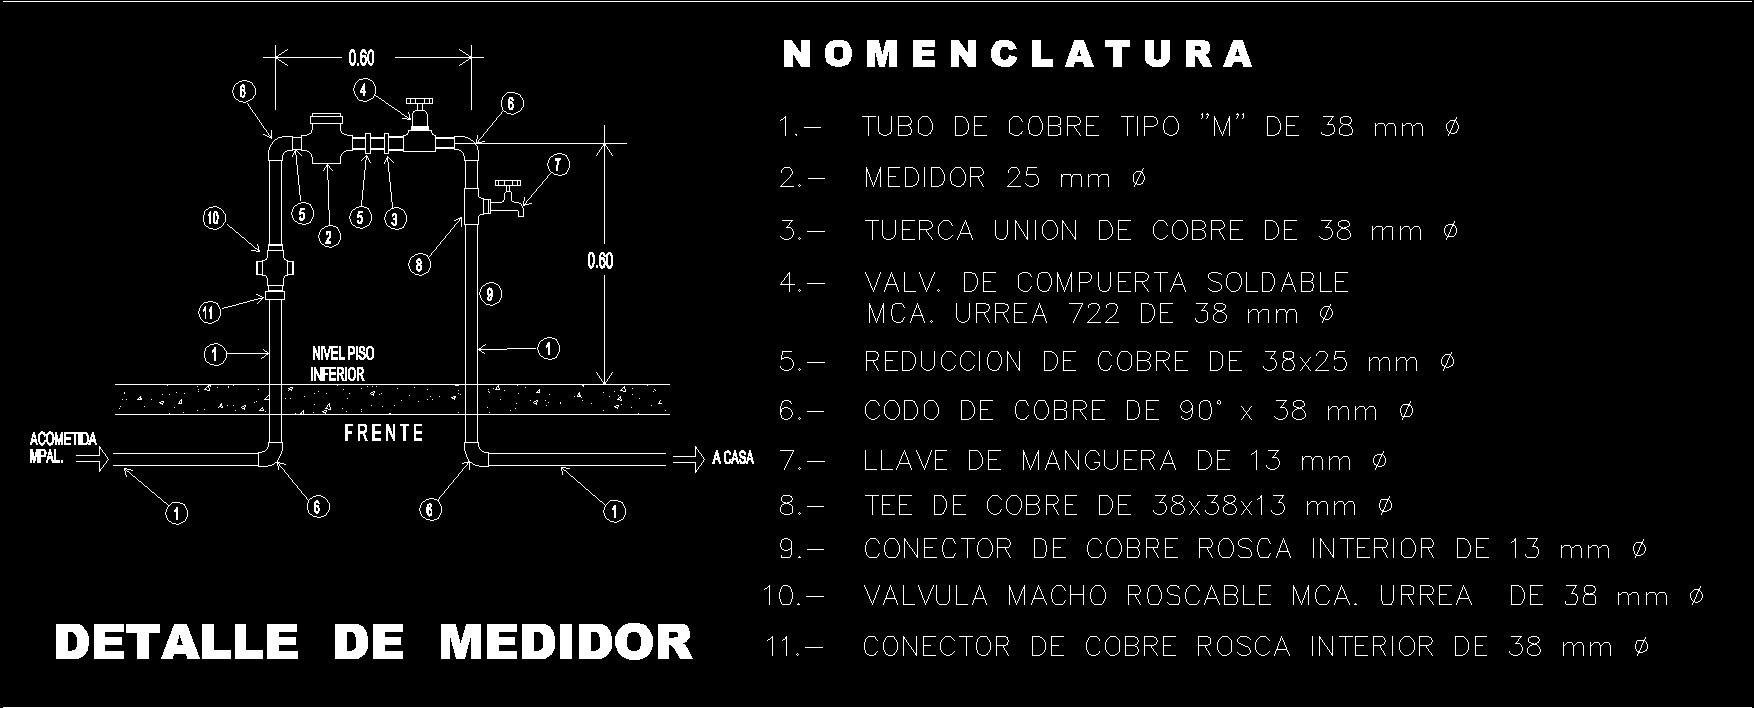 3d cad residential water meter model - File Type Dwg